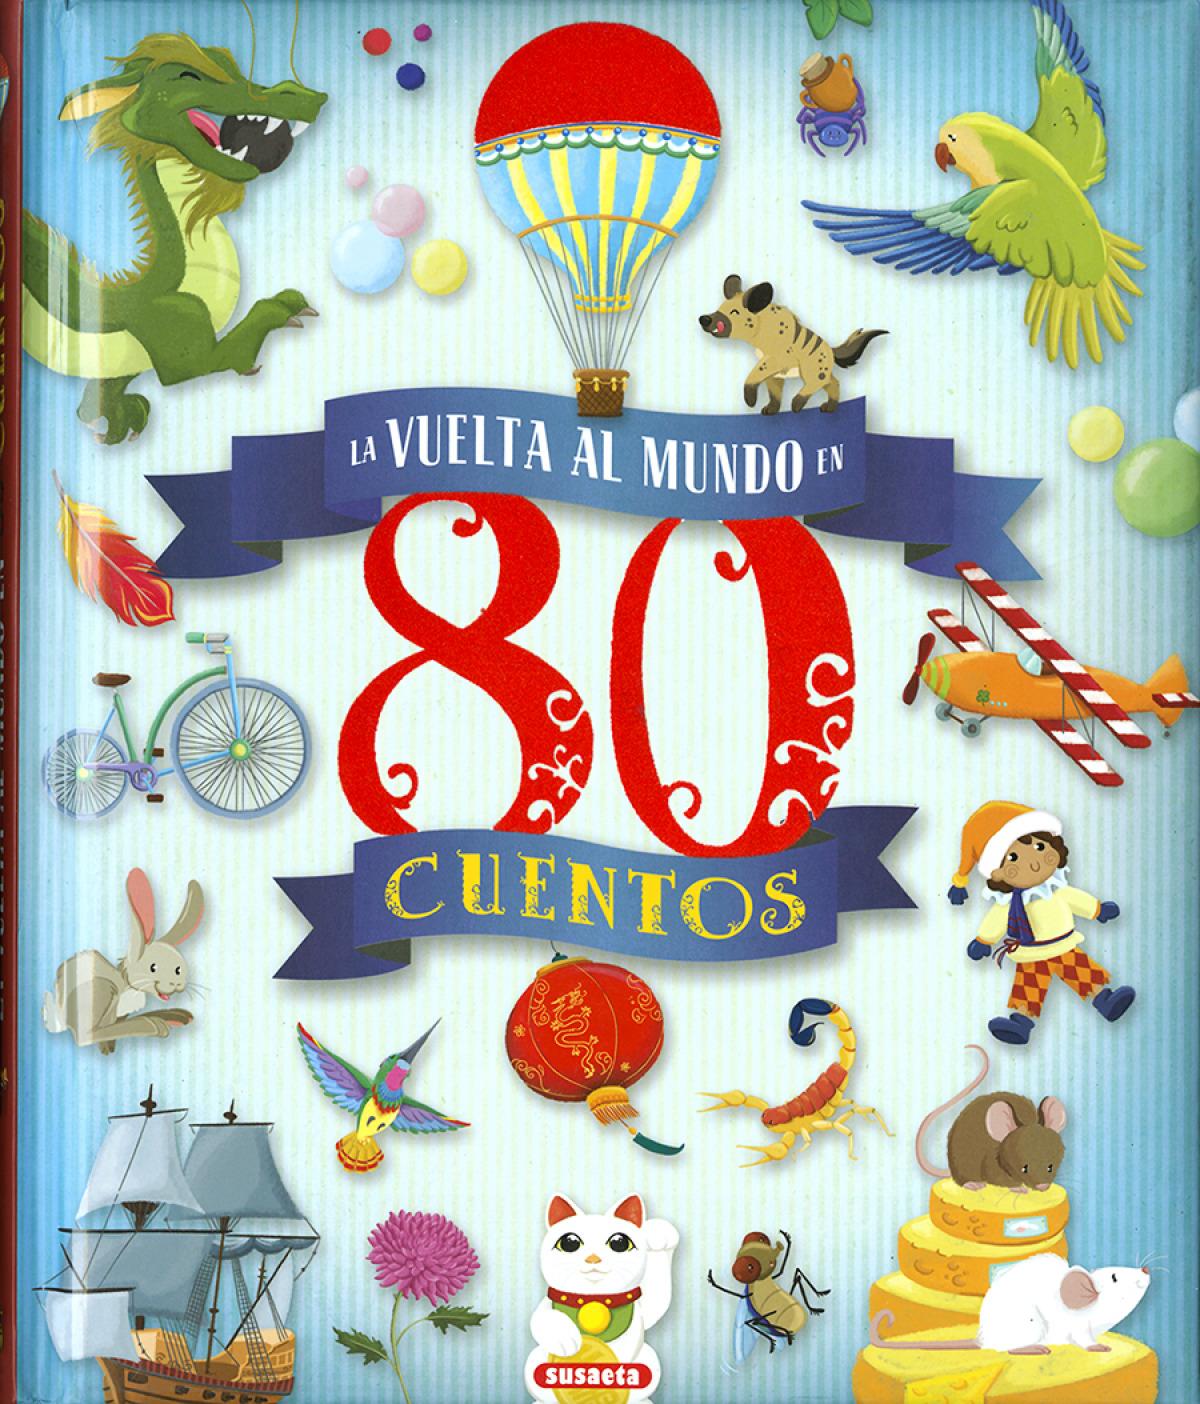 La vuelta al mundo en 80 cuentos 9788467750812